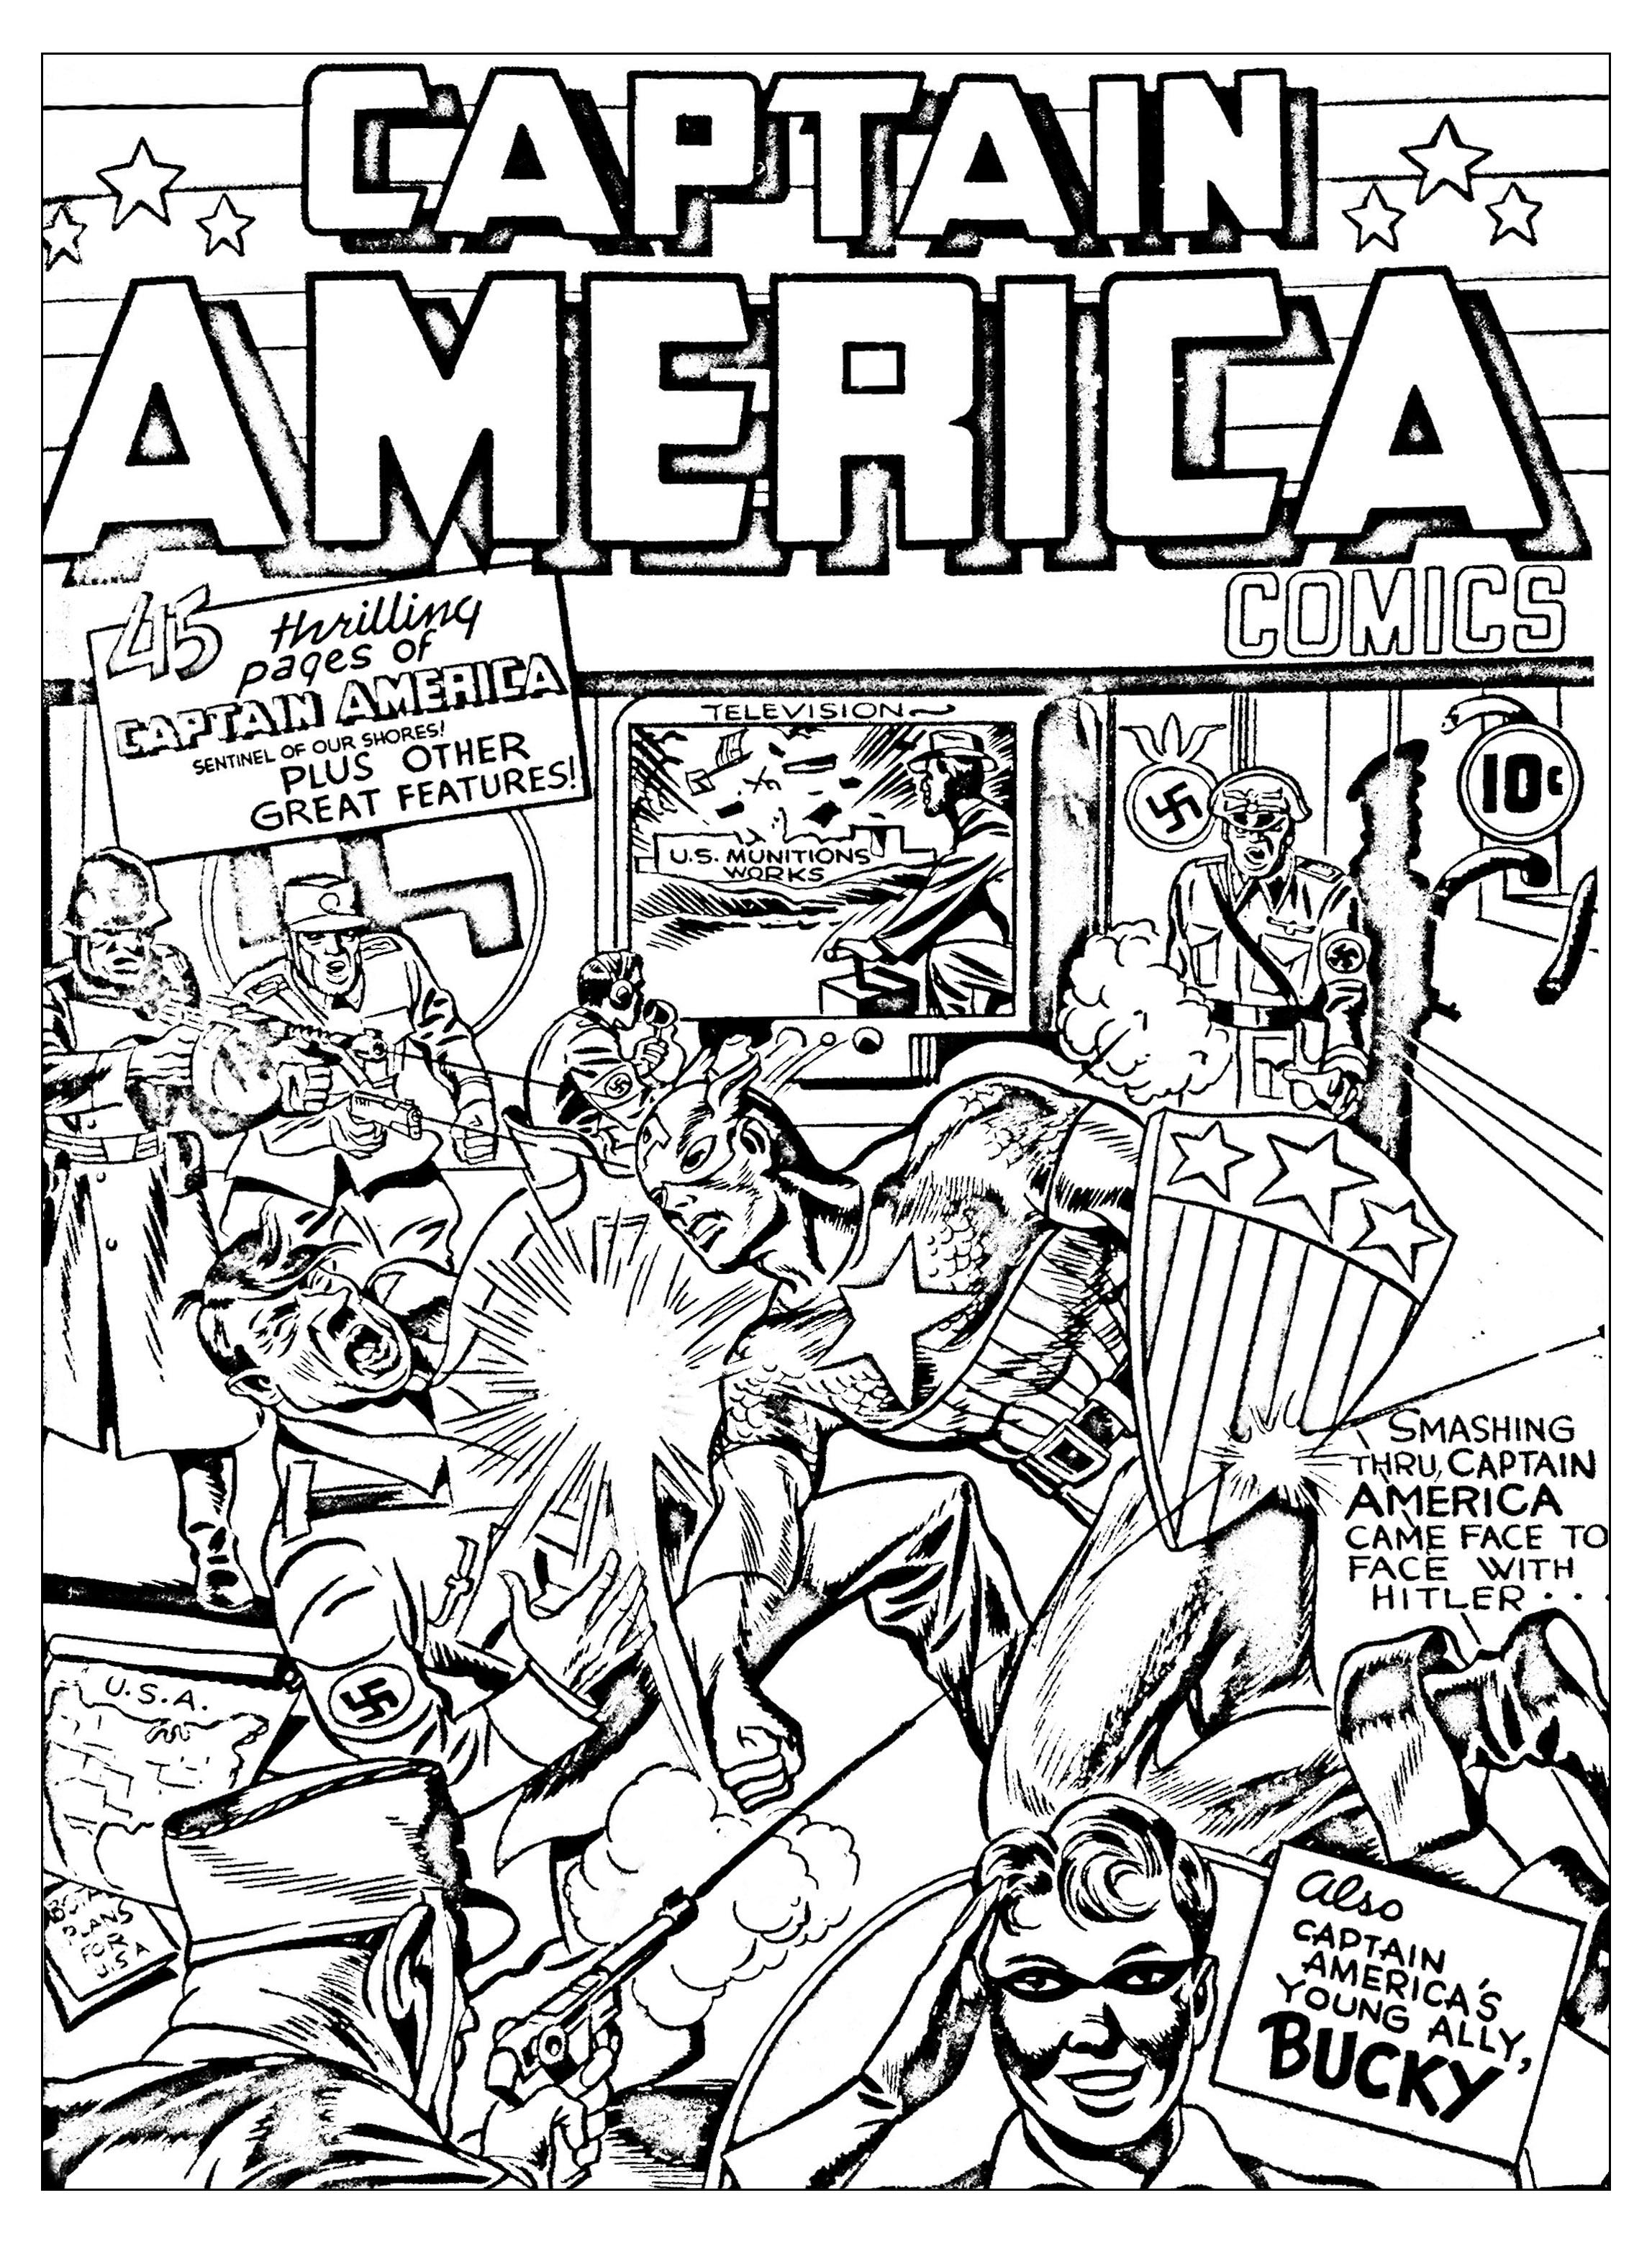 Coloriage créé à partir d'une couverture originale de Captain America (Source : Jack Kirby, King of comics)